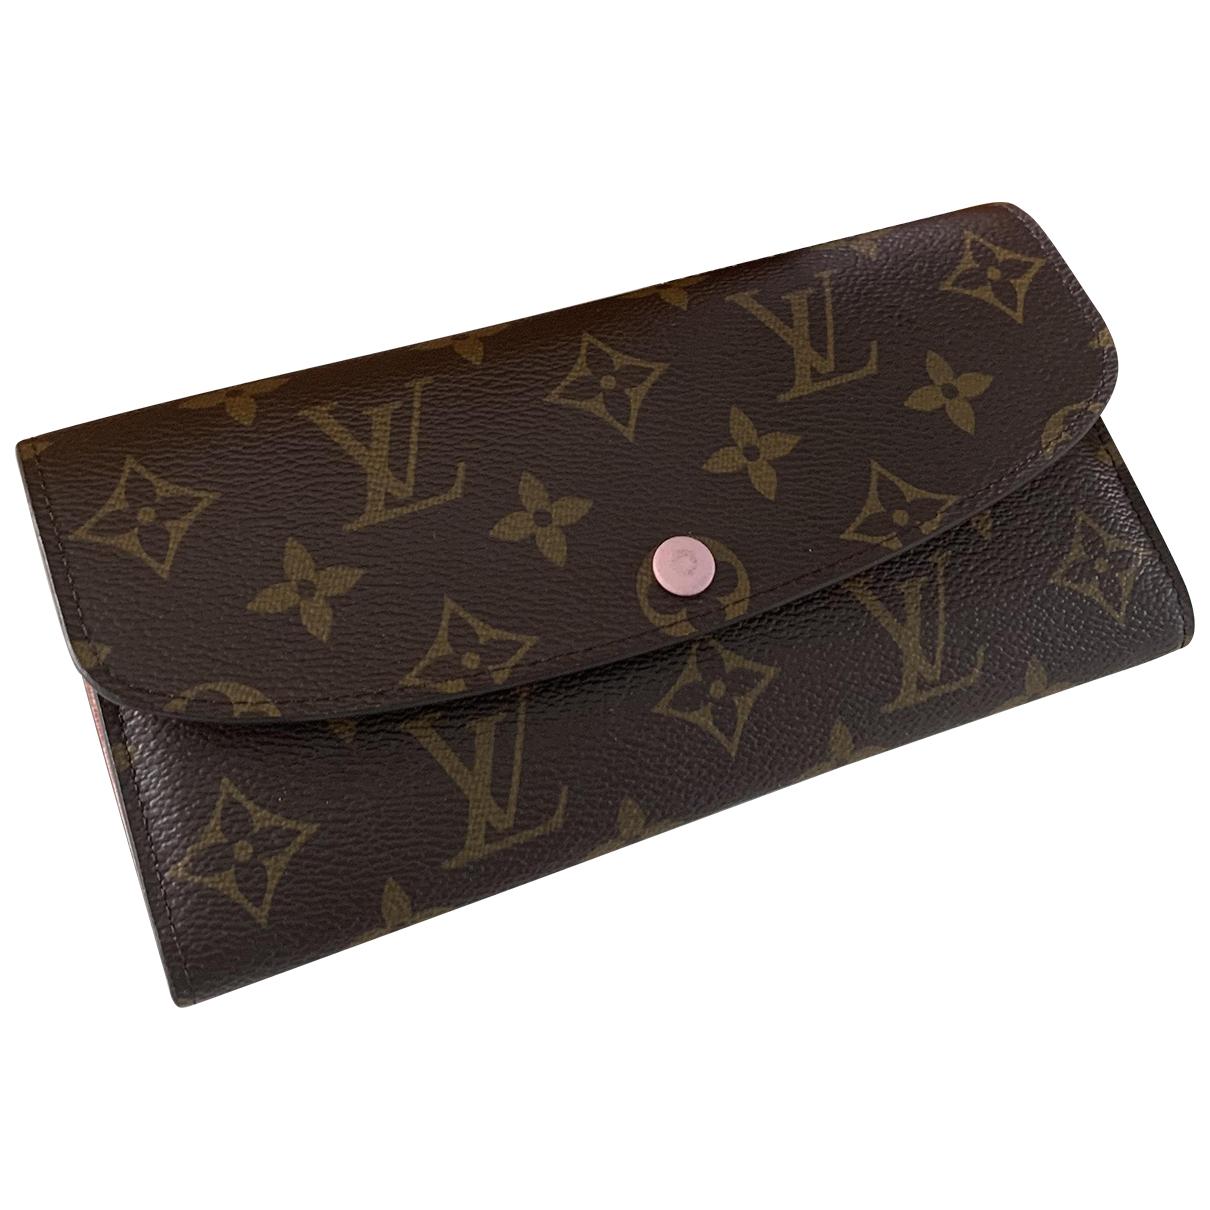 Louis Vuitton - Portefeuille Emilie pour femme en cuir - marron